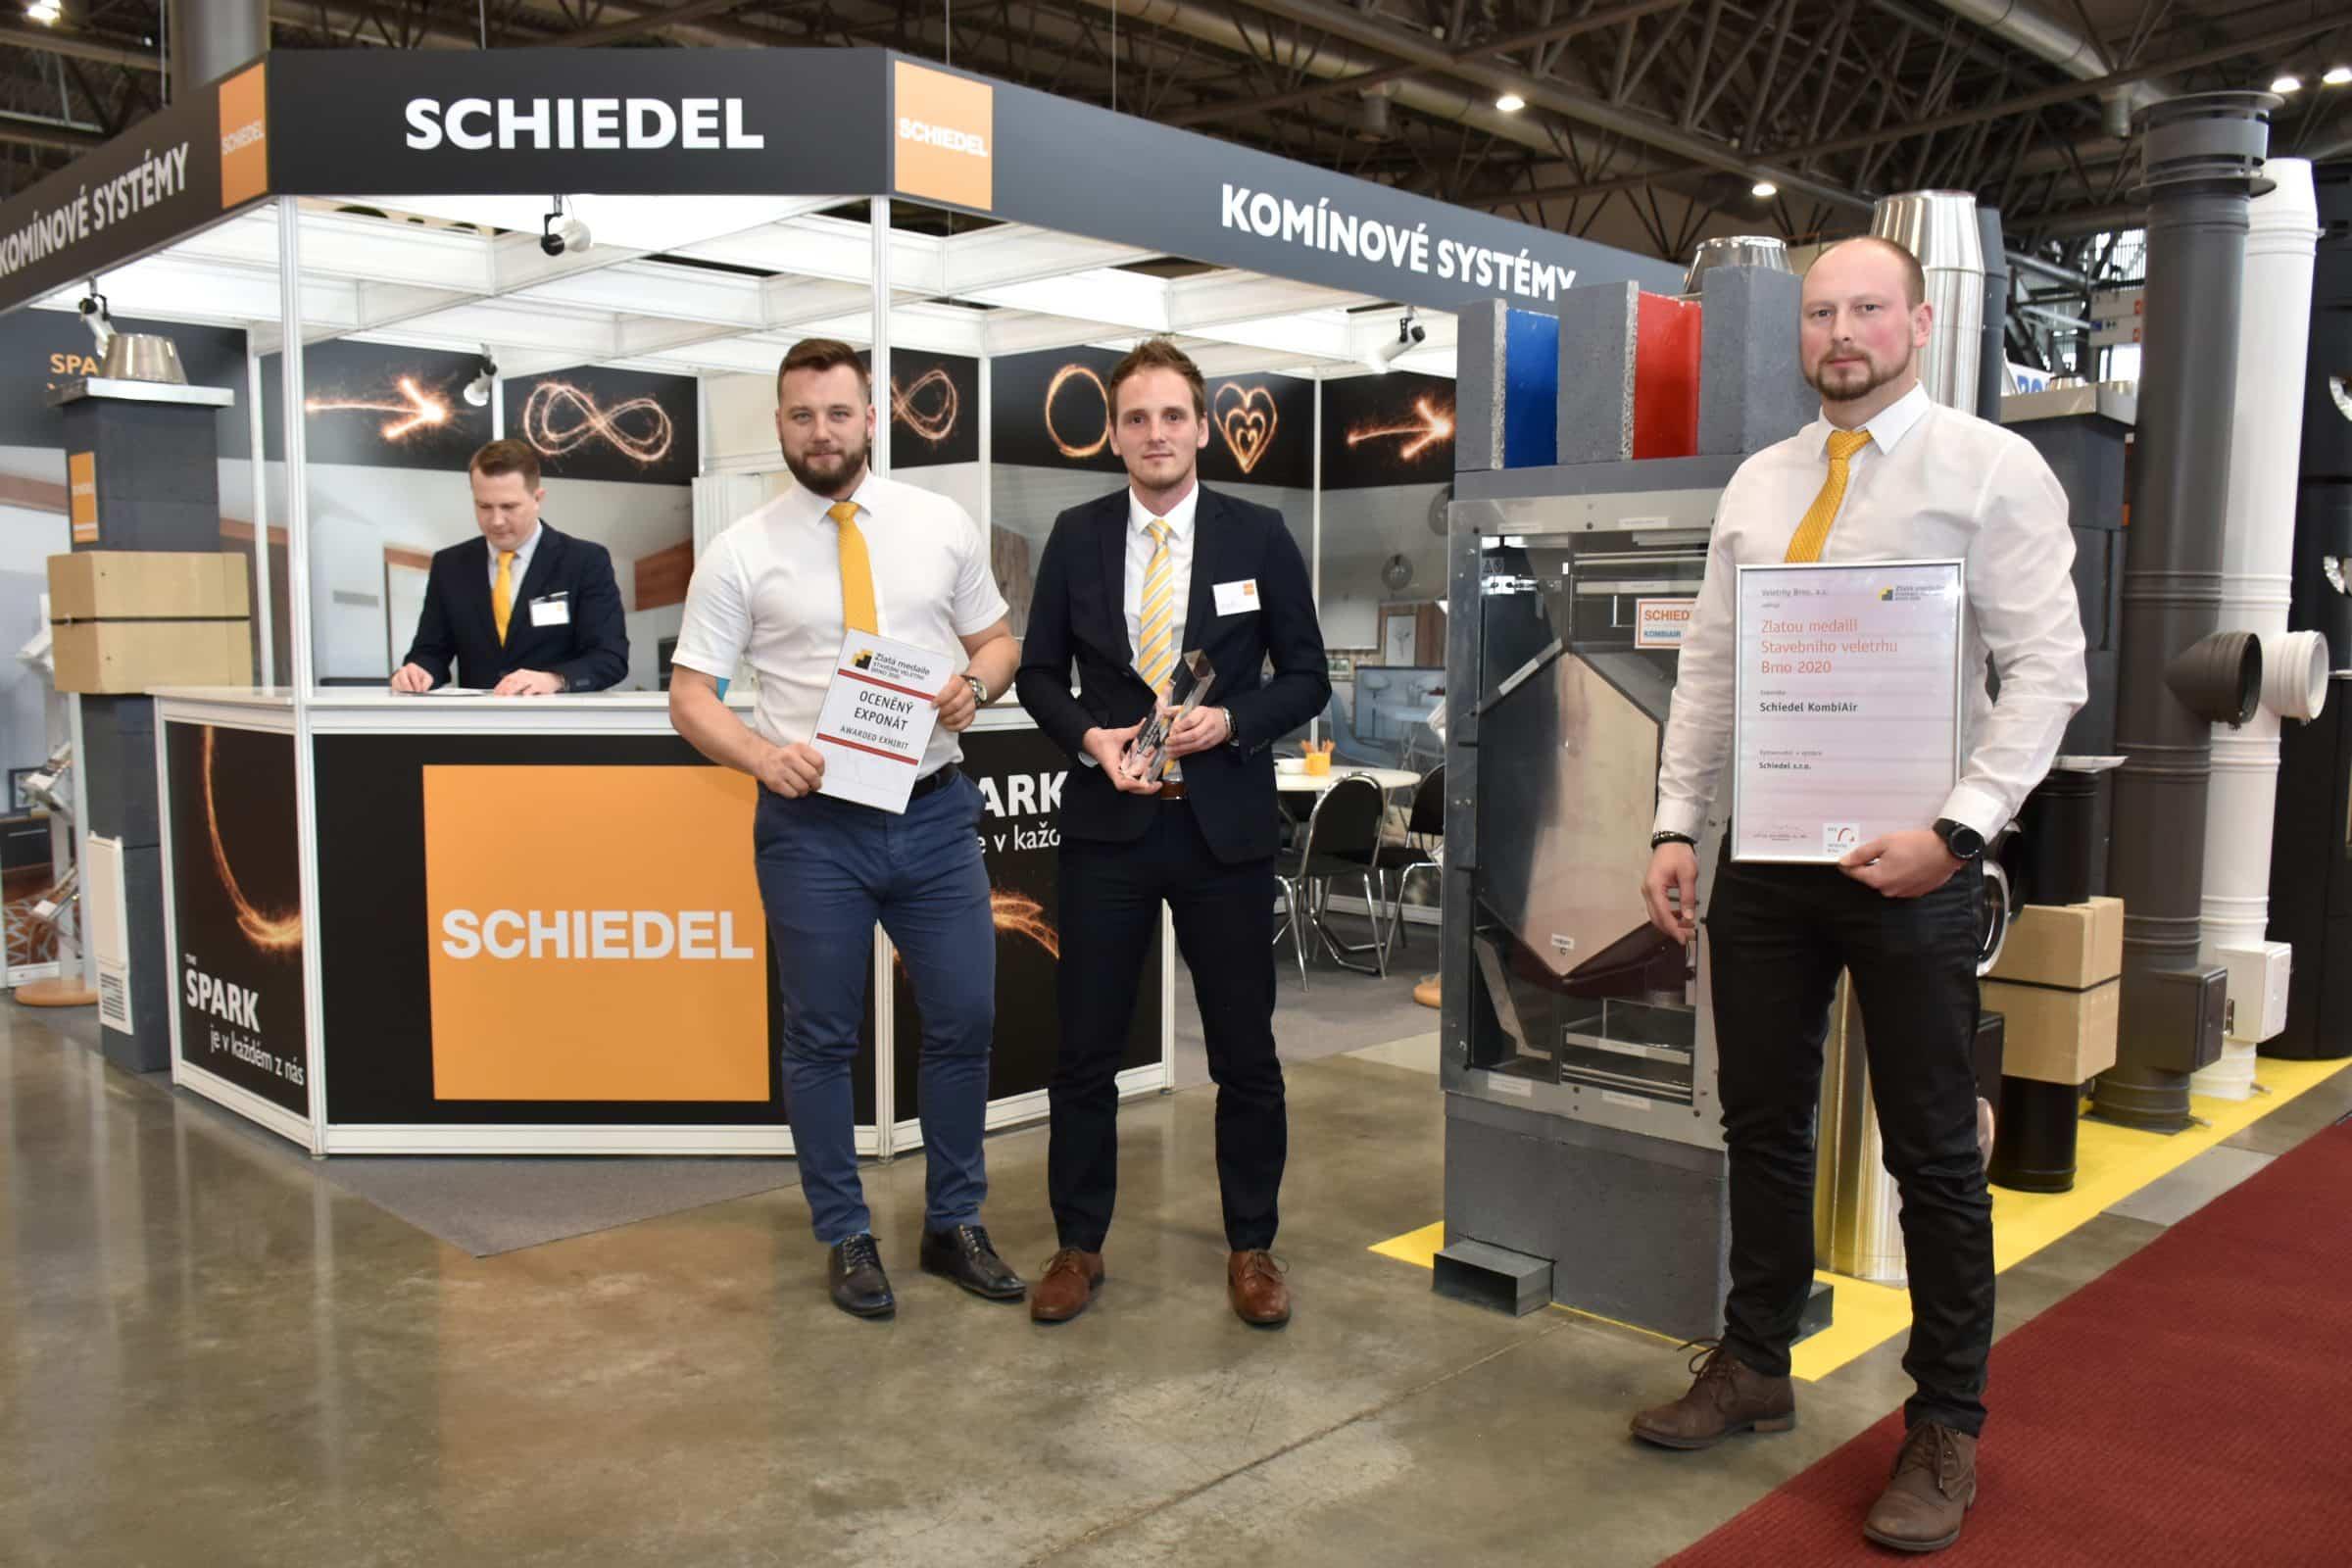 Stánek společnosti Schiedel